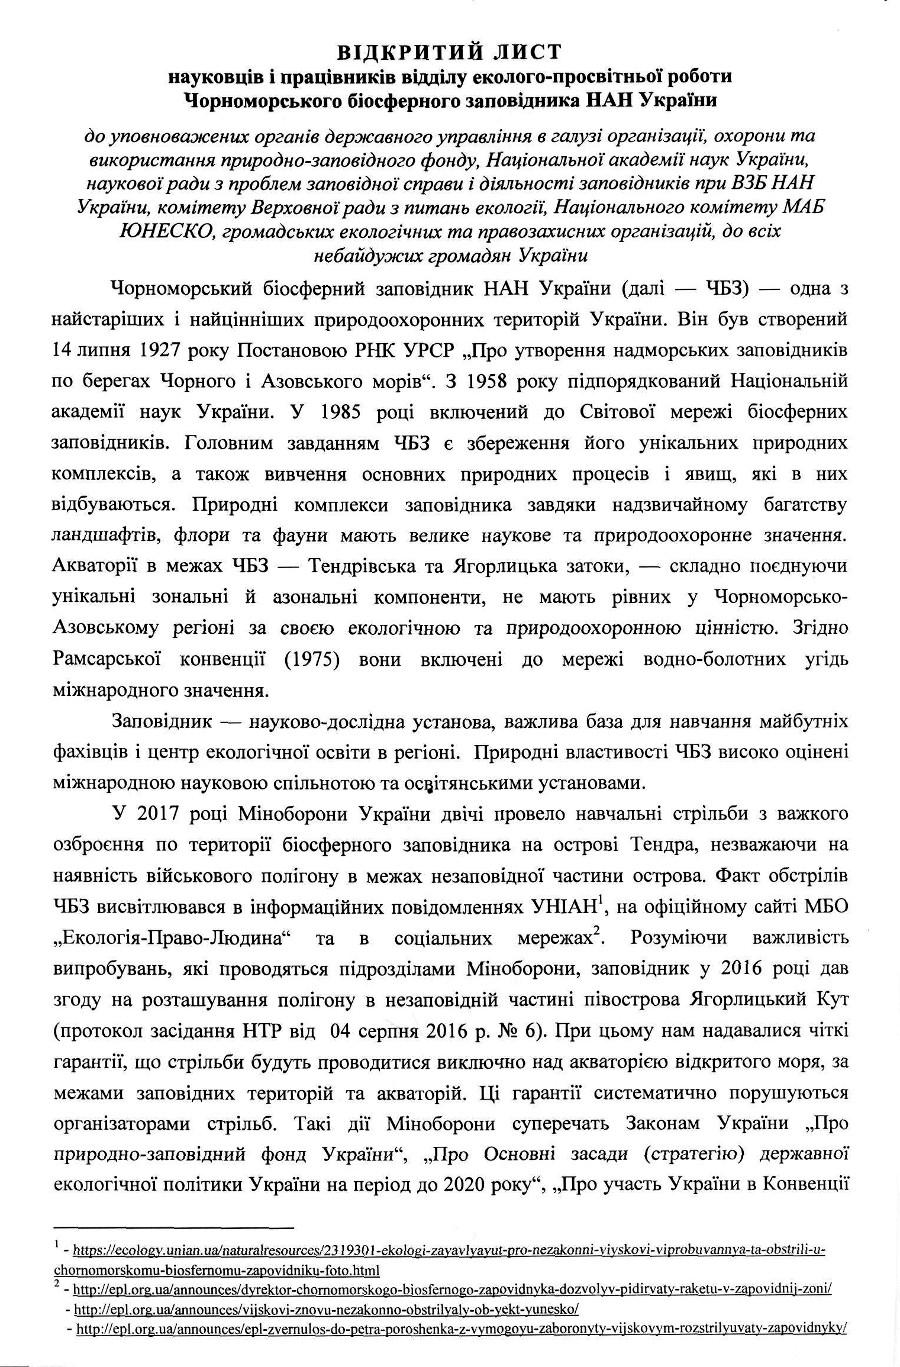 Відкритий лист щодо незаконних обстрілів Чорноморського біосферного заповідника